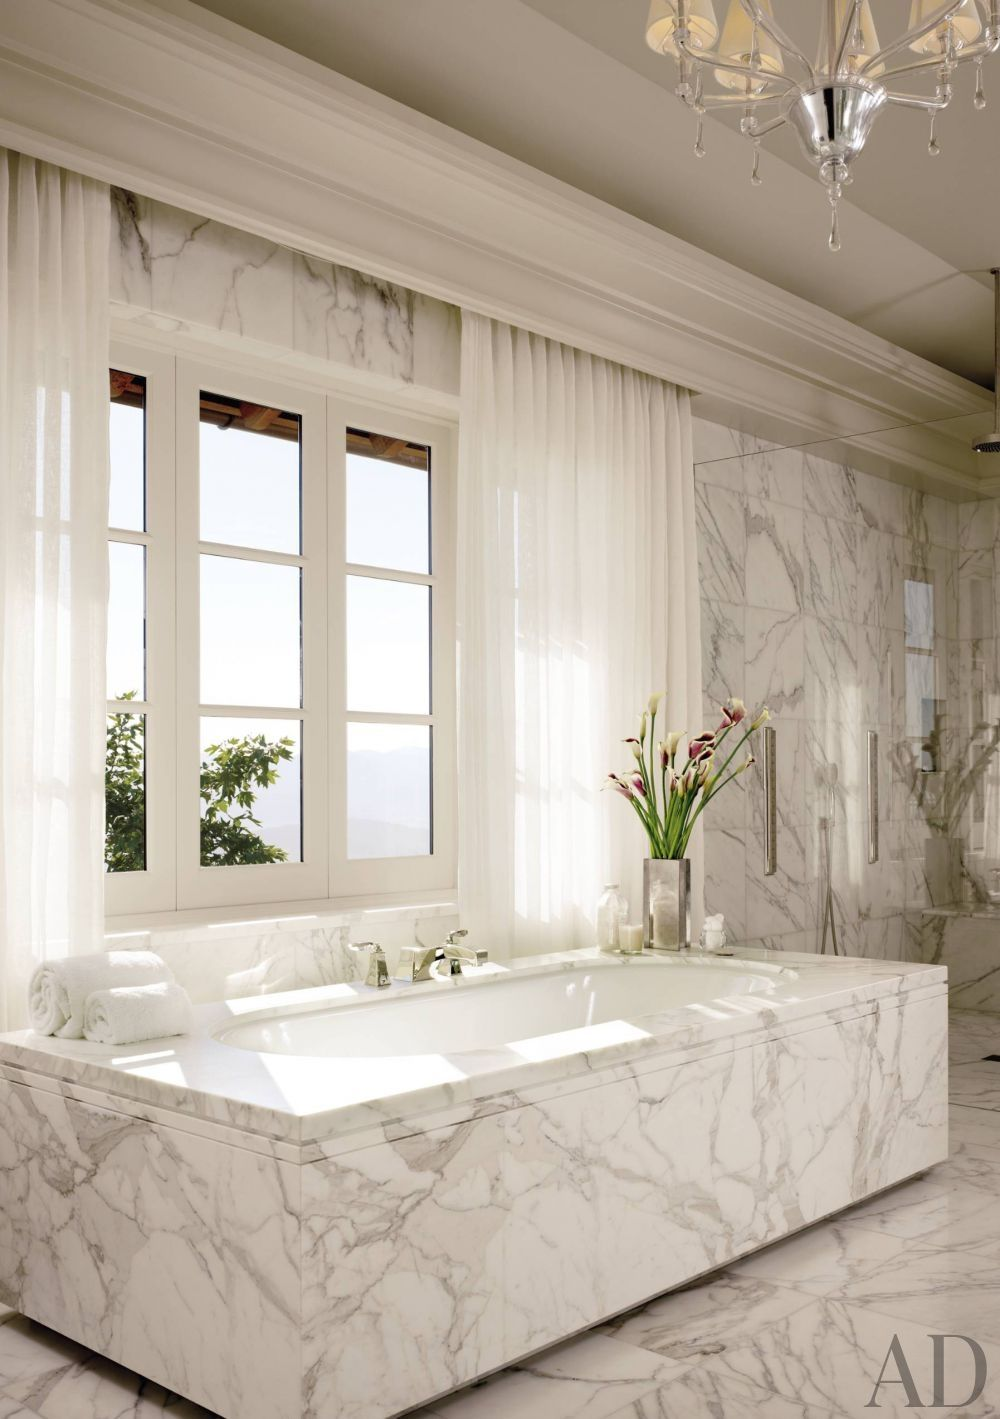 Eine Calacatta Marmor Orgie In Einem Sehr Exklusiven Badezimmer. Traumhaft!  Http://